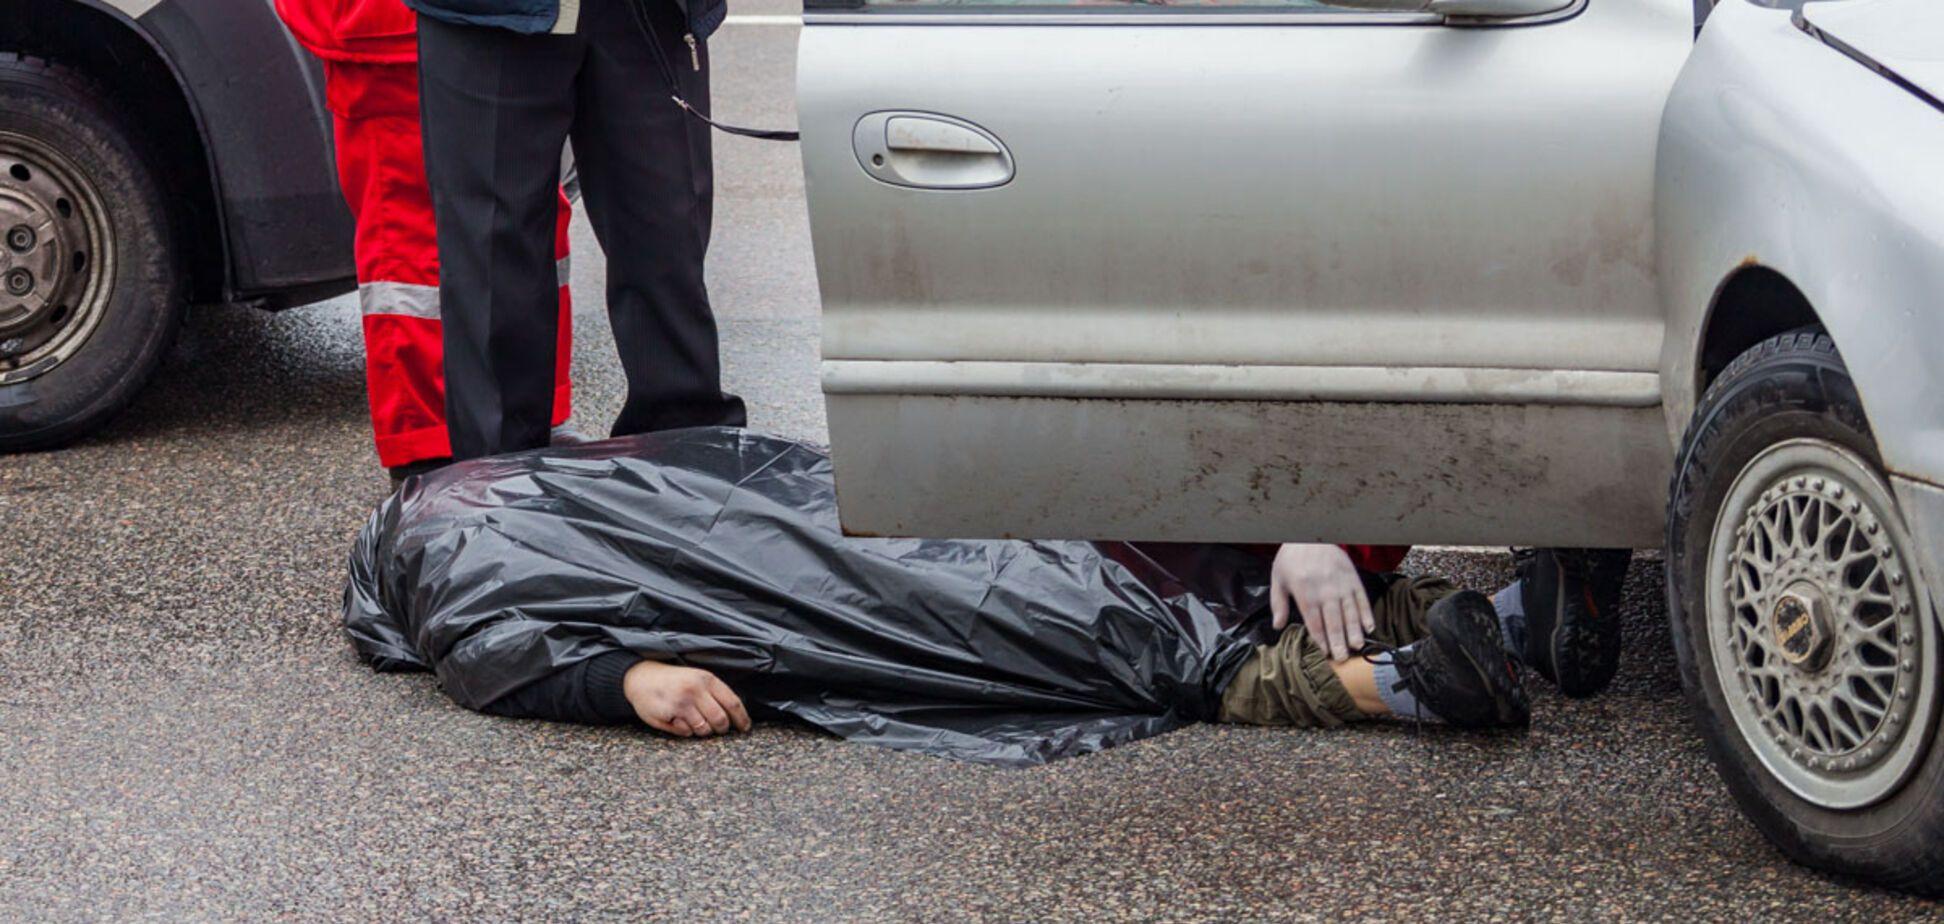 Смерть известного волонтера: появились фото и видео с места трагедии